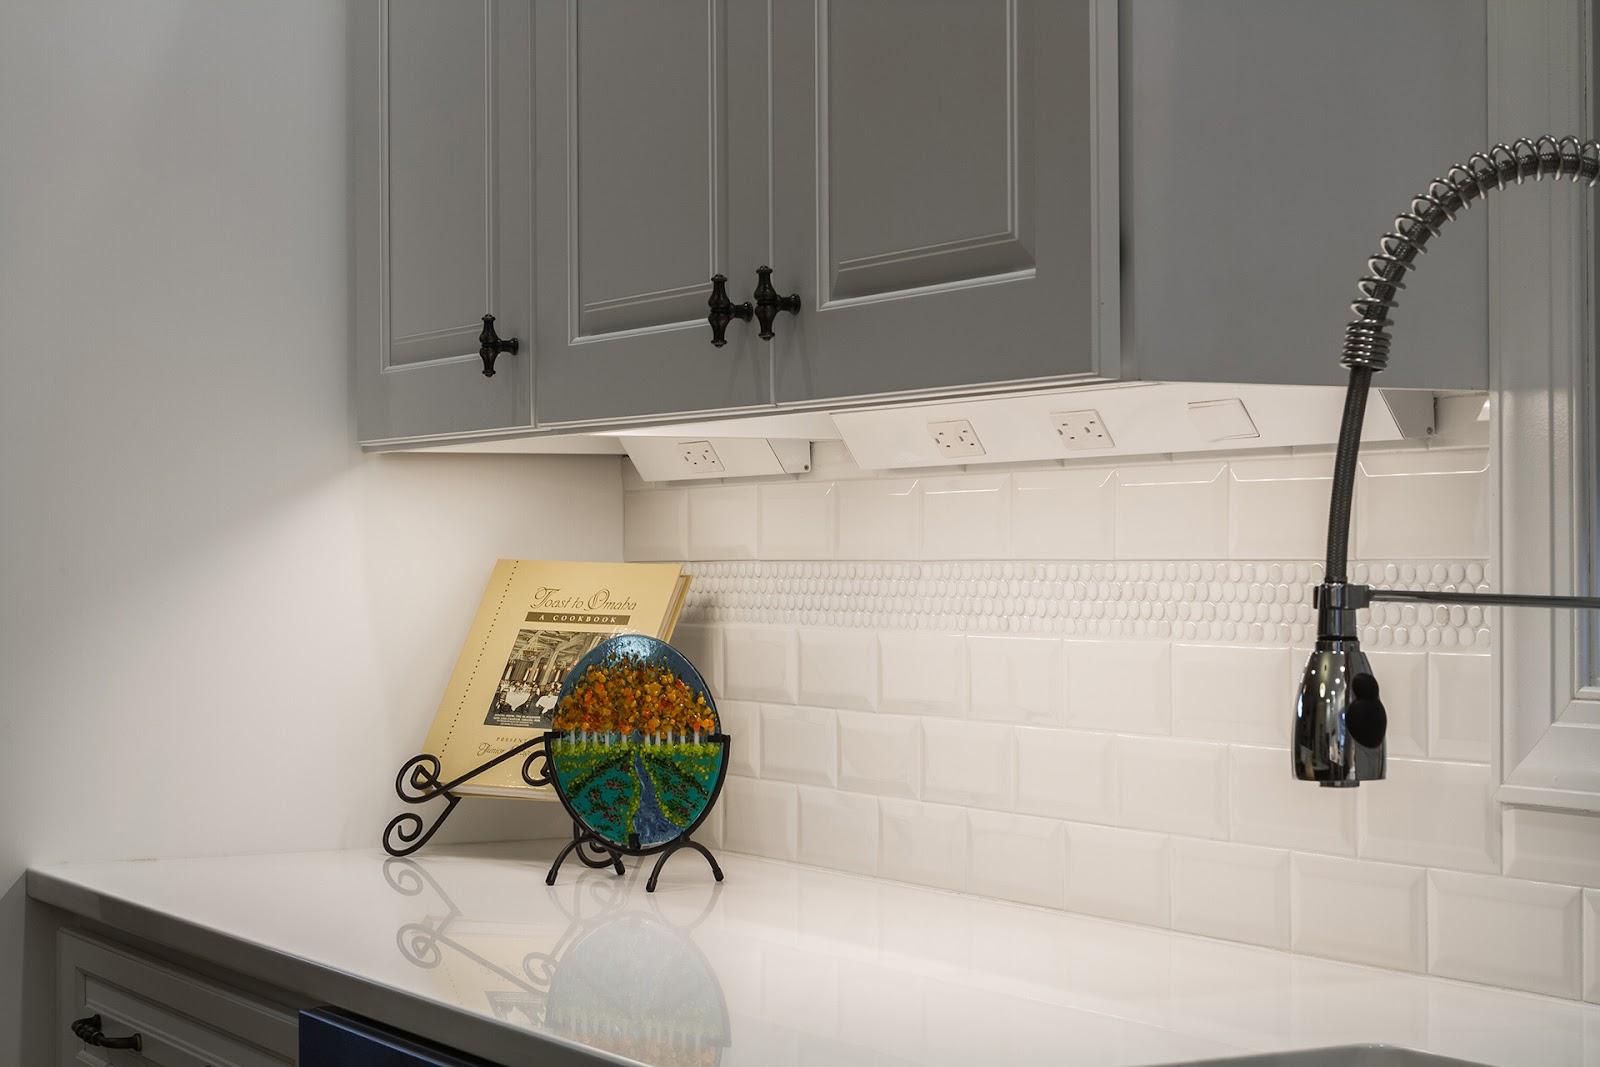 Inspirasi penerangan task lighting di dapur - source: hardwareresources.com